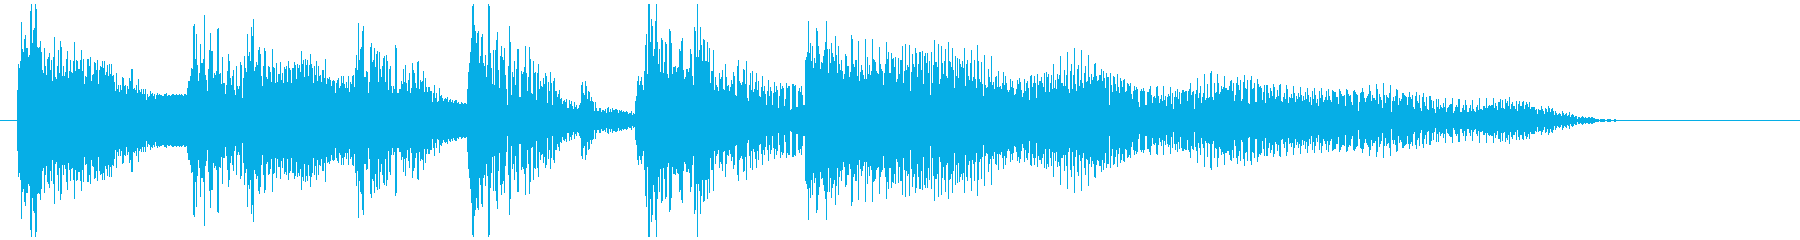 コント、スキットなどの導入ジングルの再生済みの波形